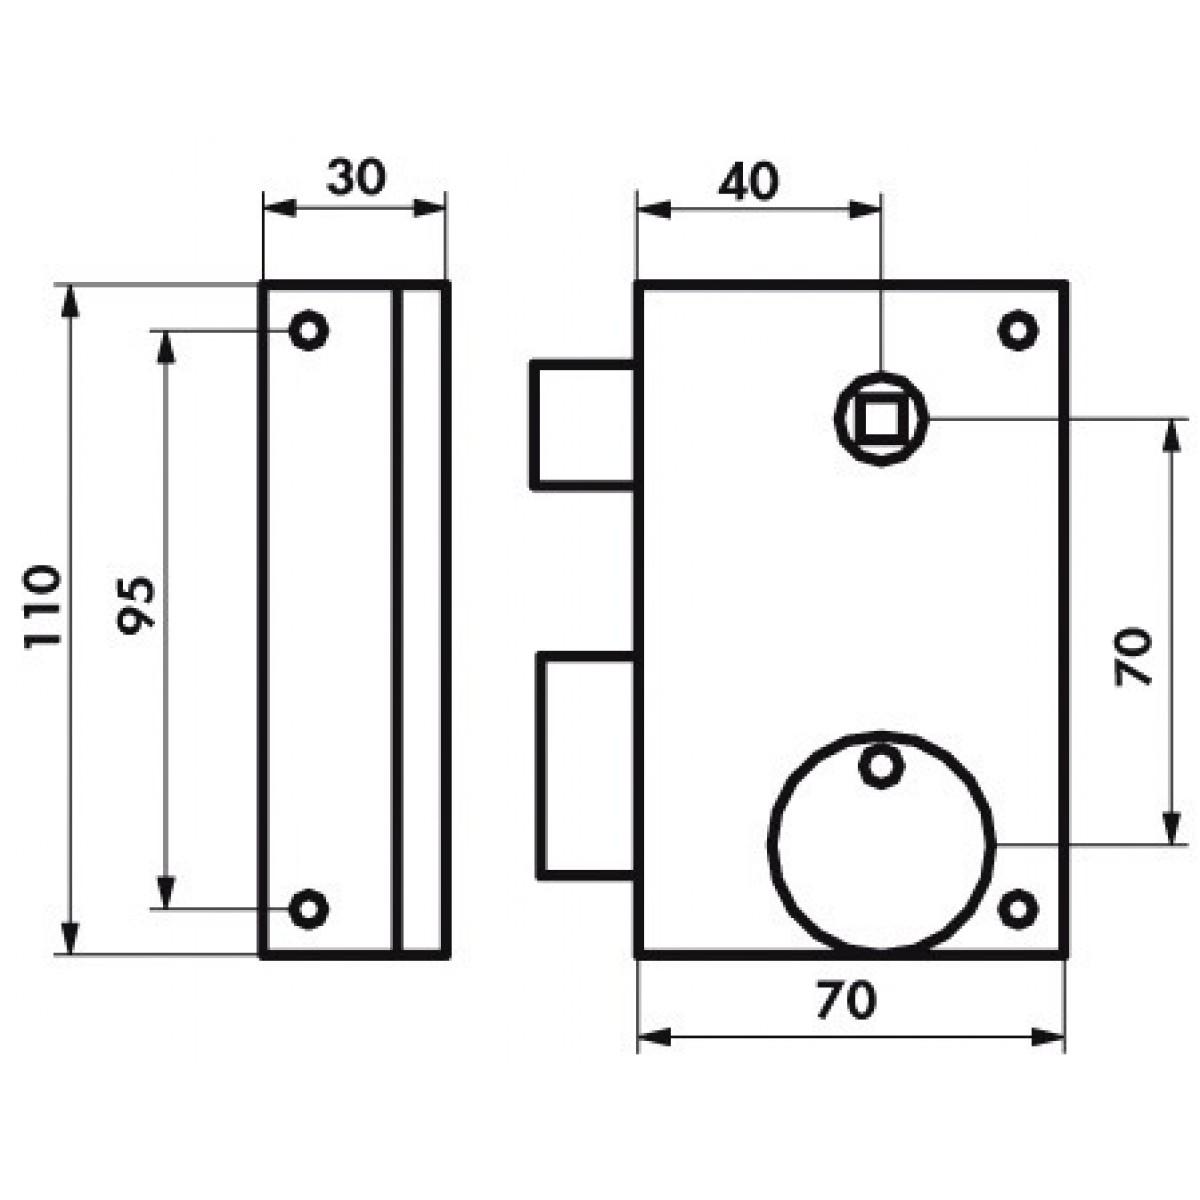 Serrure verticale pêne dormant 1/2 T Thirard - Noir - Gauche - Section 7 mm - l x h - 70 x 110 mm